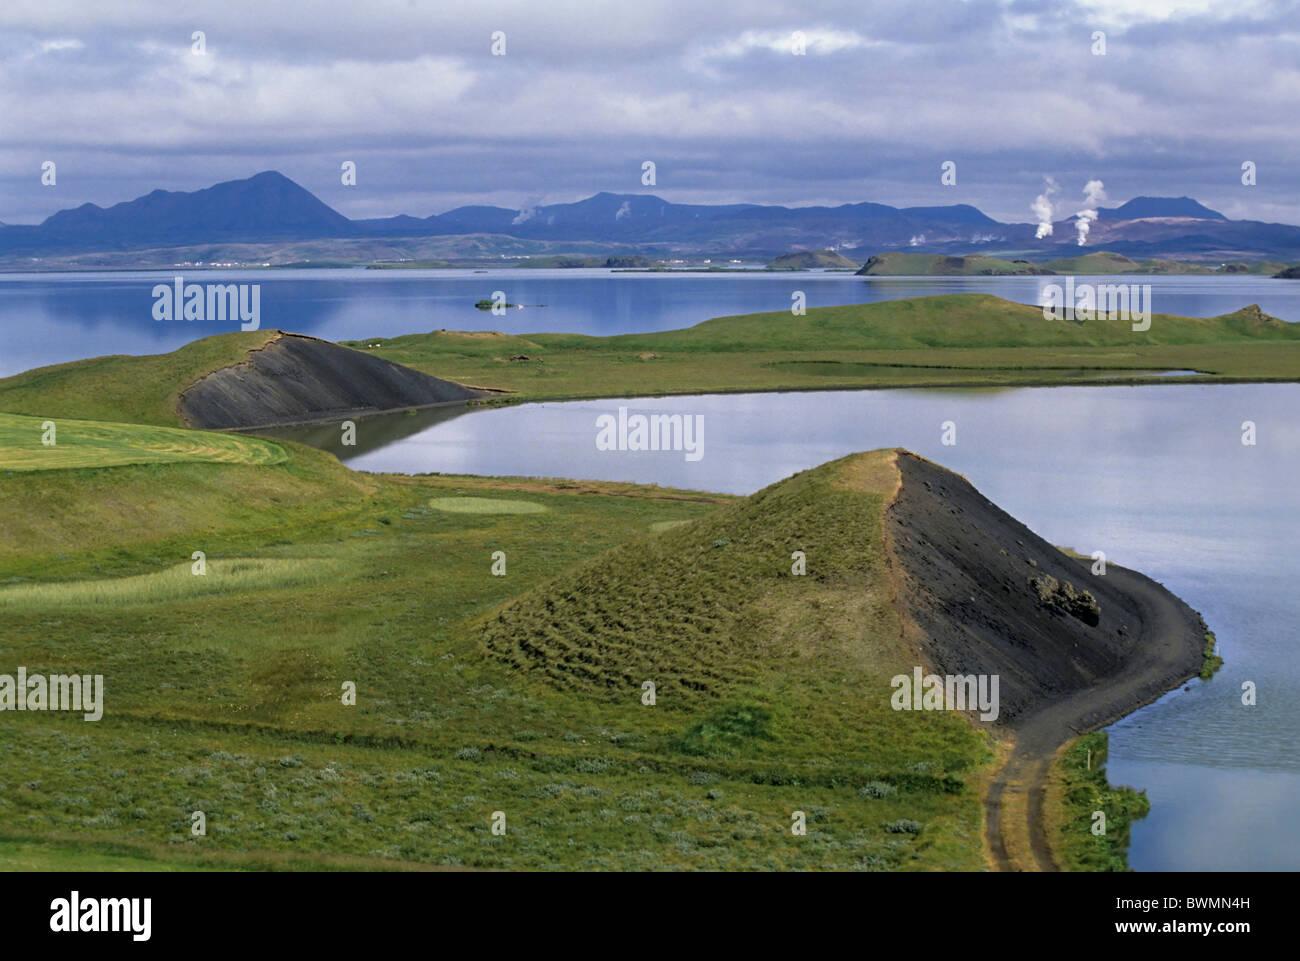 Island-Landschaft - Myvatn, ein flacher eutrophen See befindet sich auf einer Fläche von aktiven Vulkanen, Stockbild